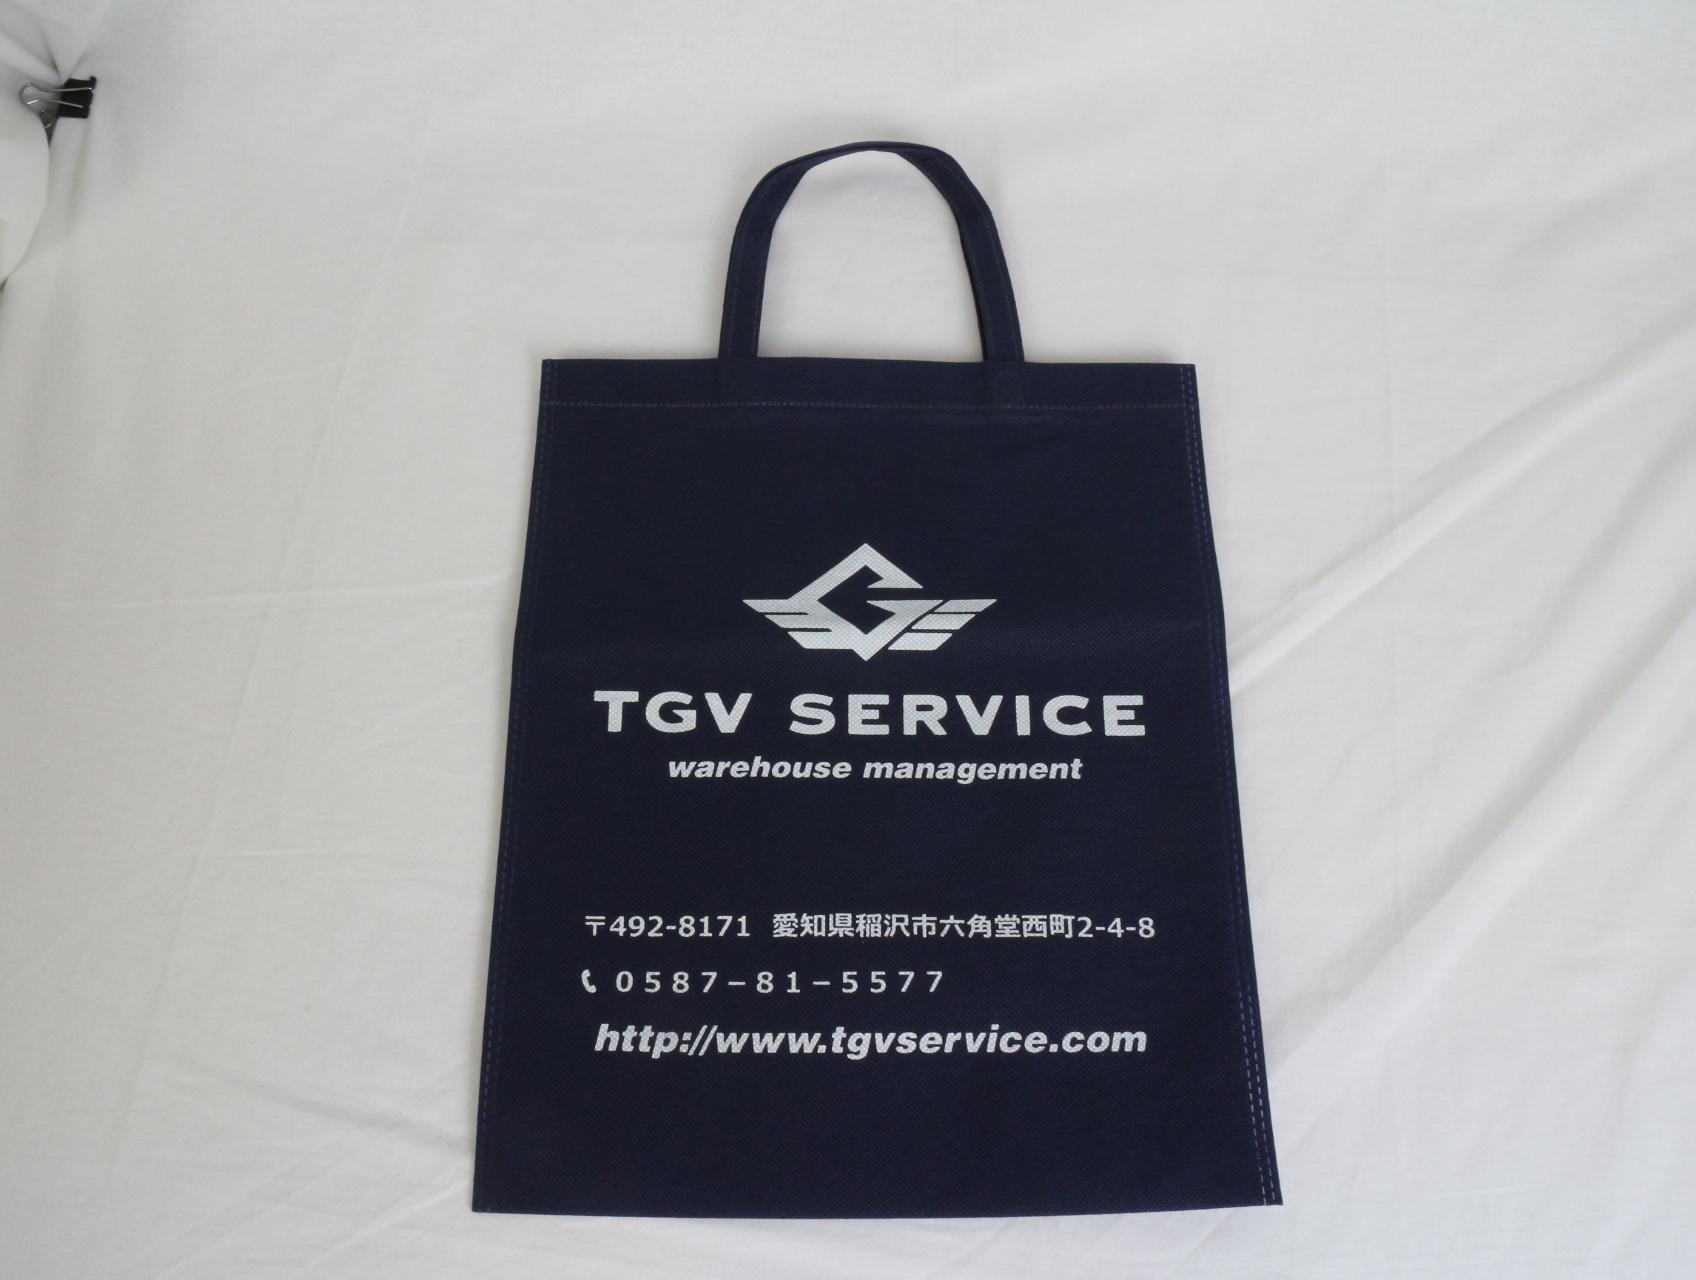 物流改善へのコンサルタント業務を行っていらっしゃる企業様の会社用不織布袋